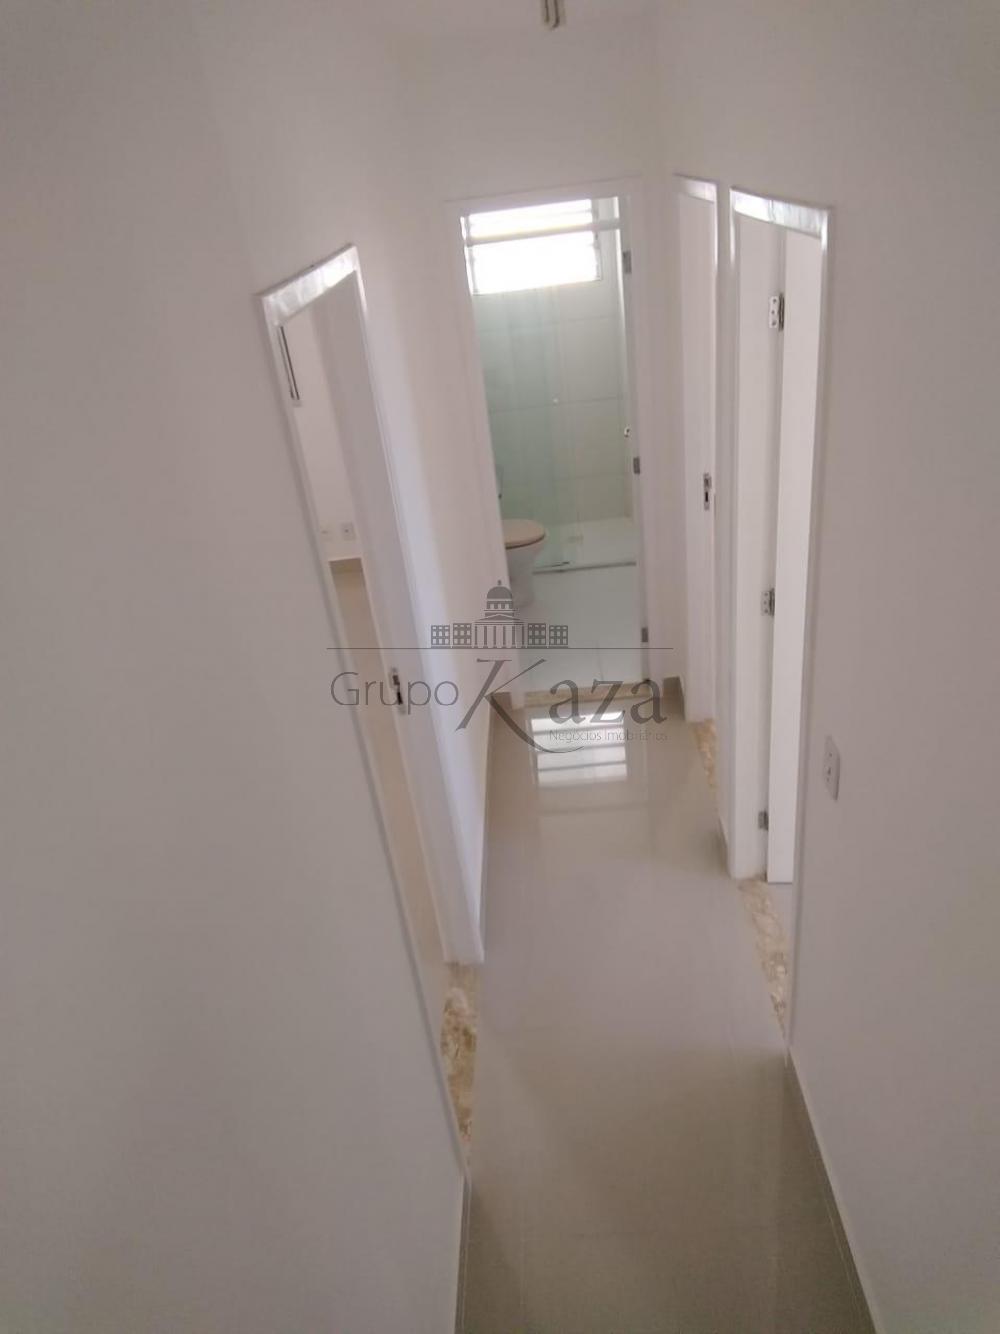 Comprar Apartamento / Padrão em Taubaté apenas R$ 250.000,00 - Foto 9